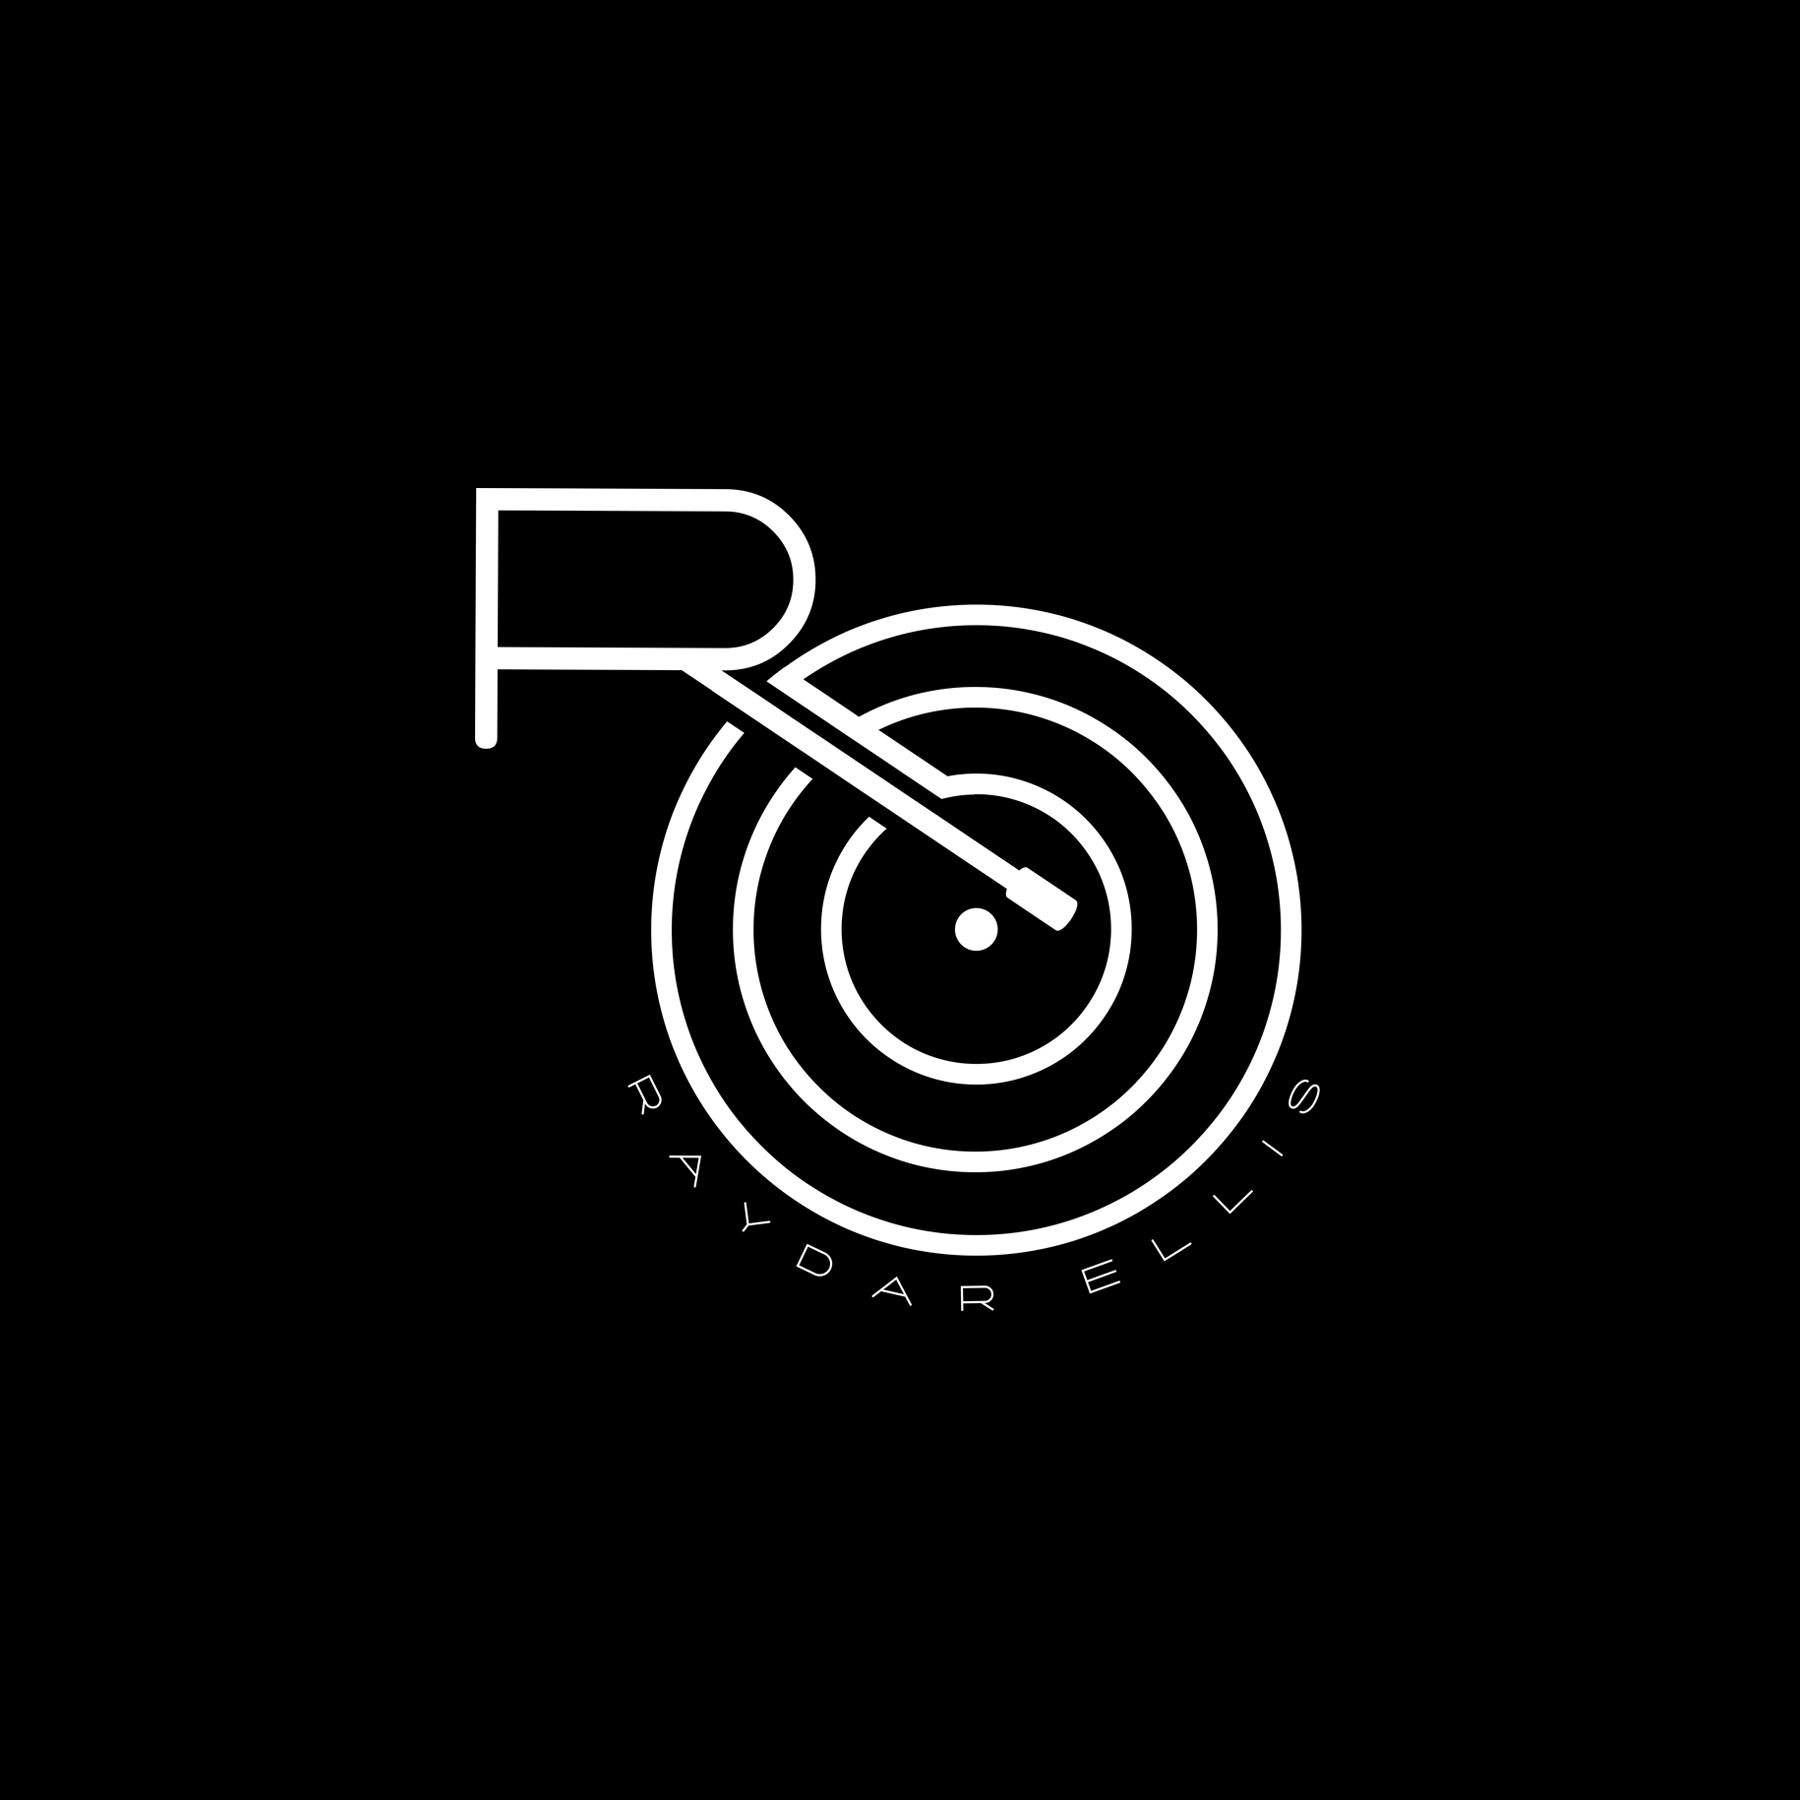 DJ Raydar Ellis